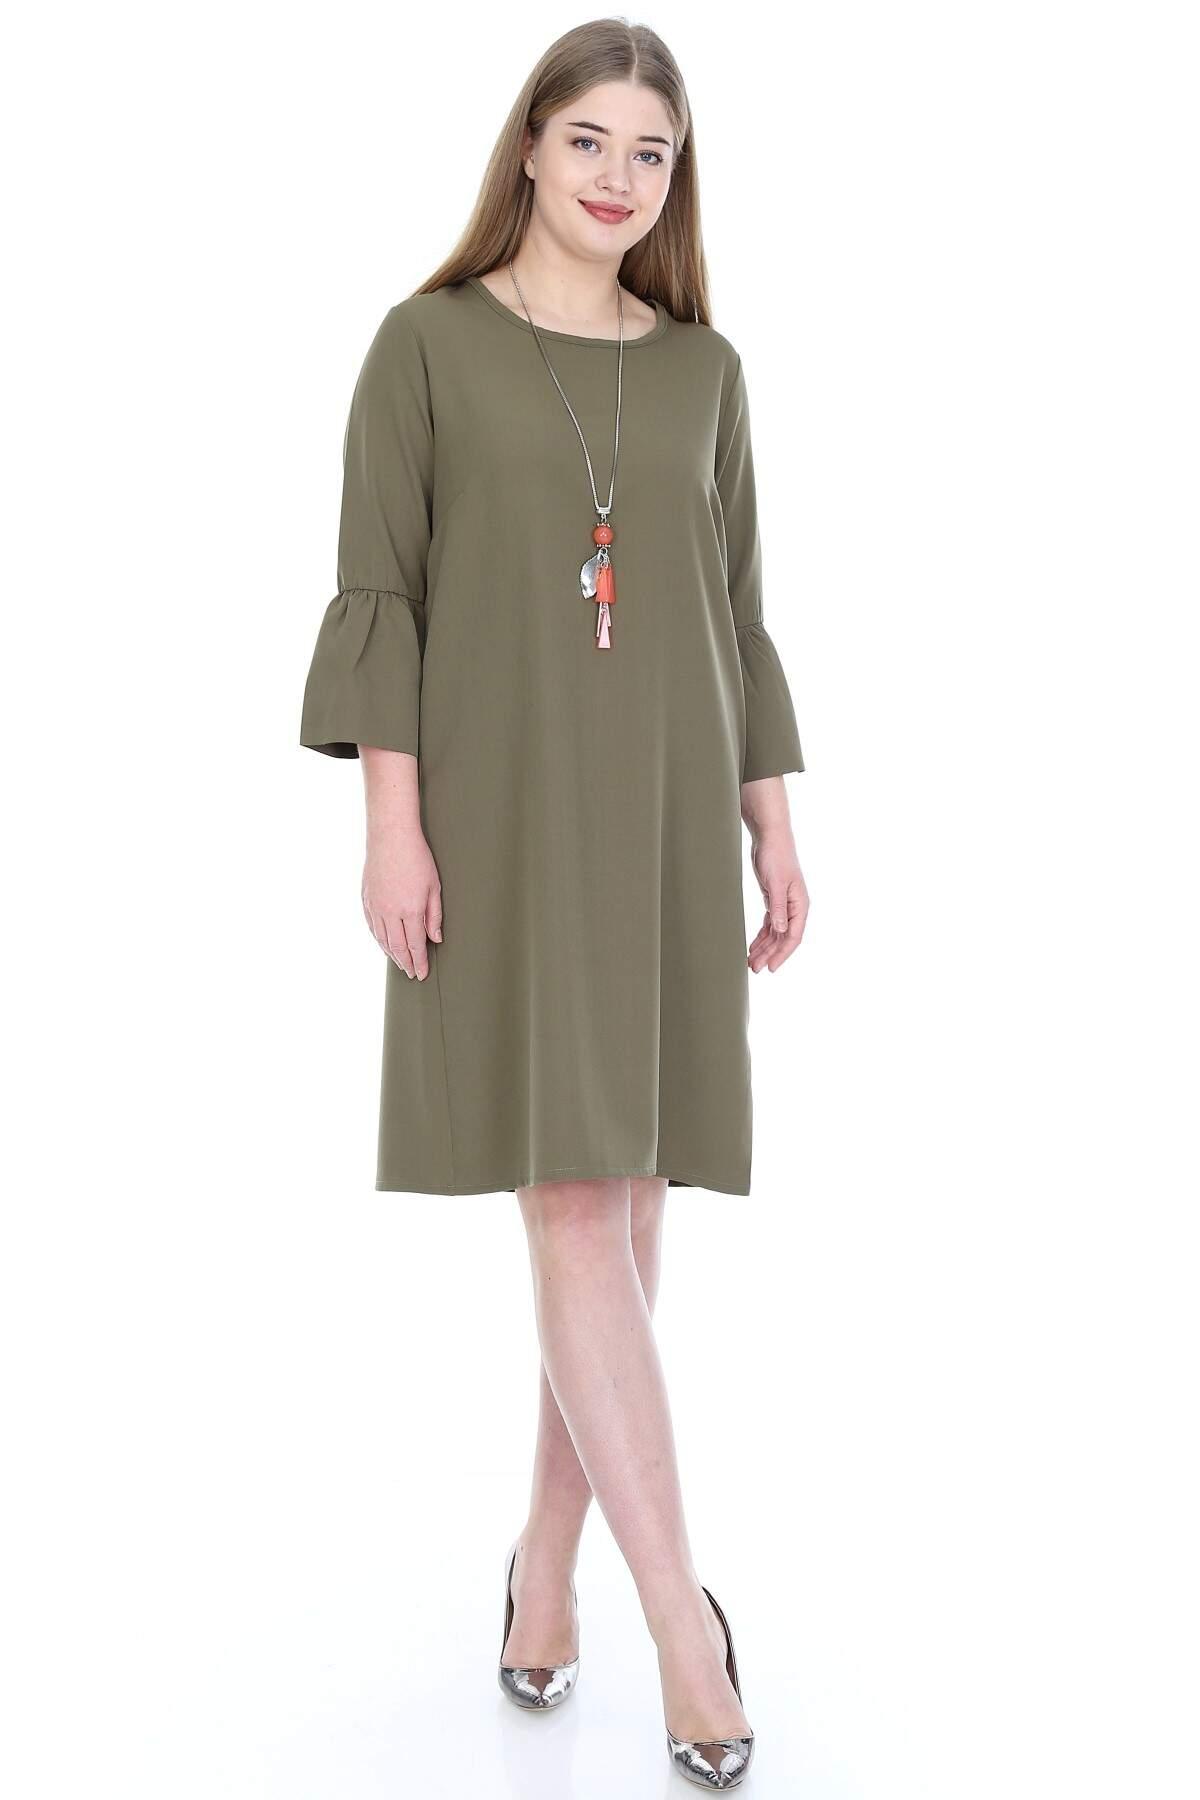 Büyük Beden Kampanyalı Elbise KL807-19hk